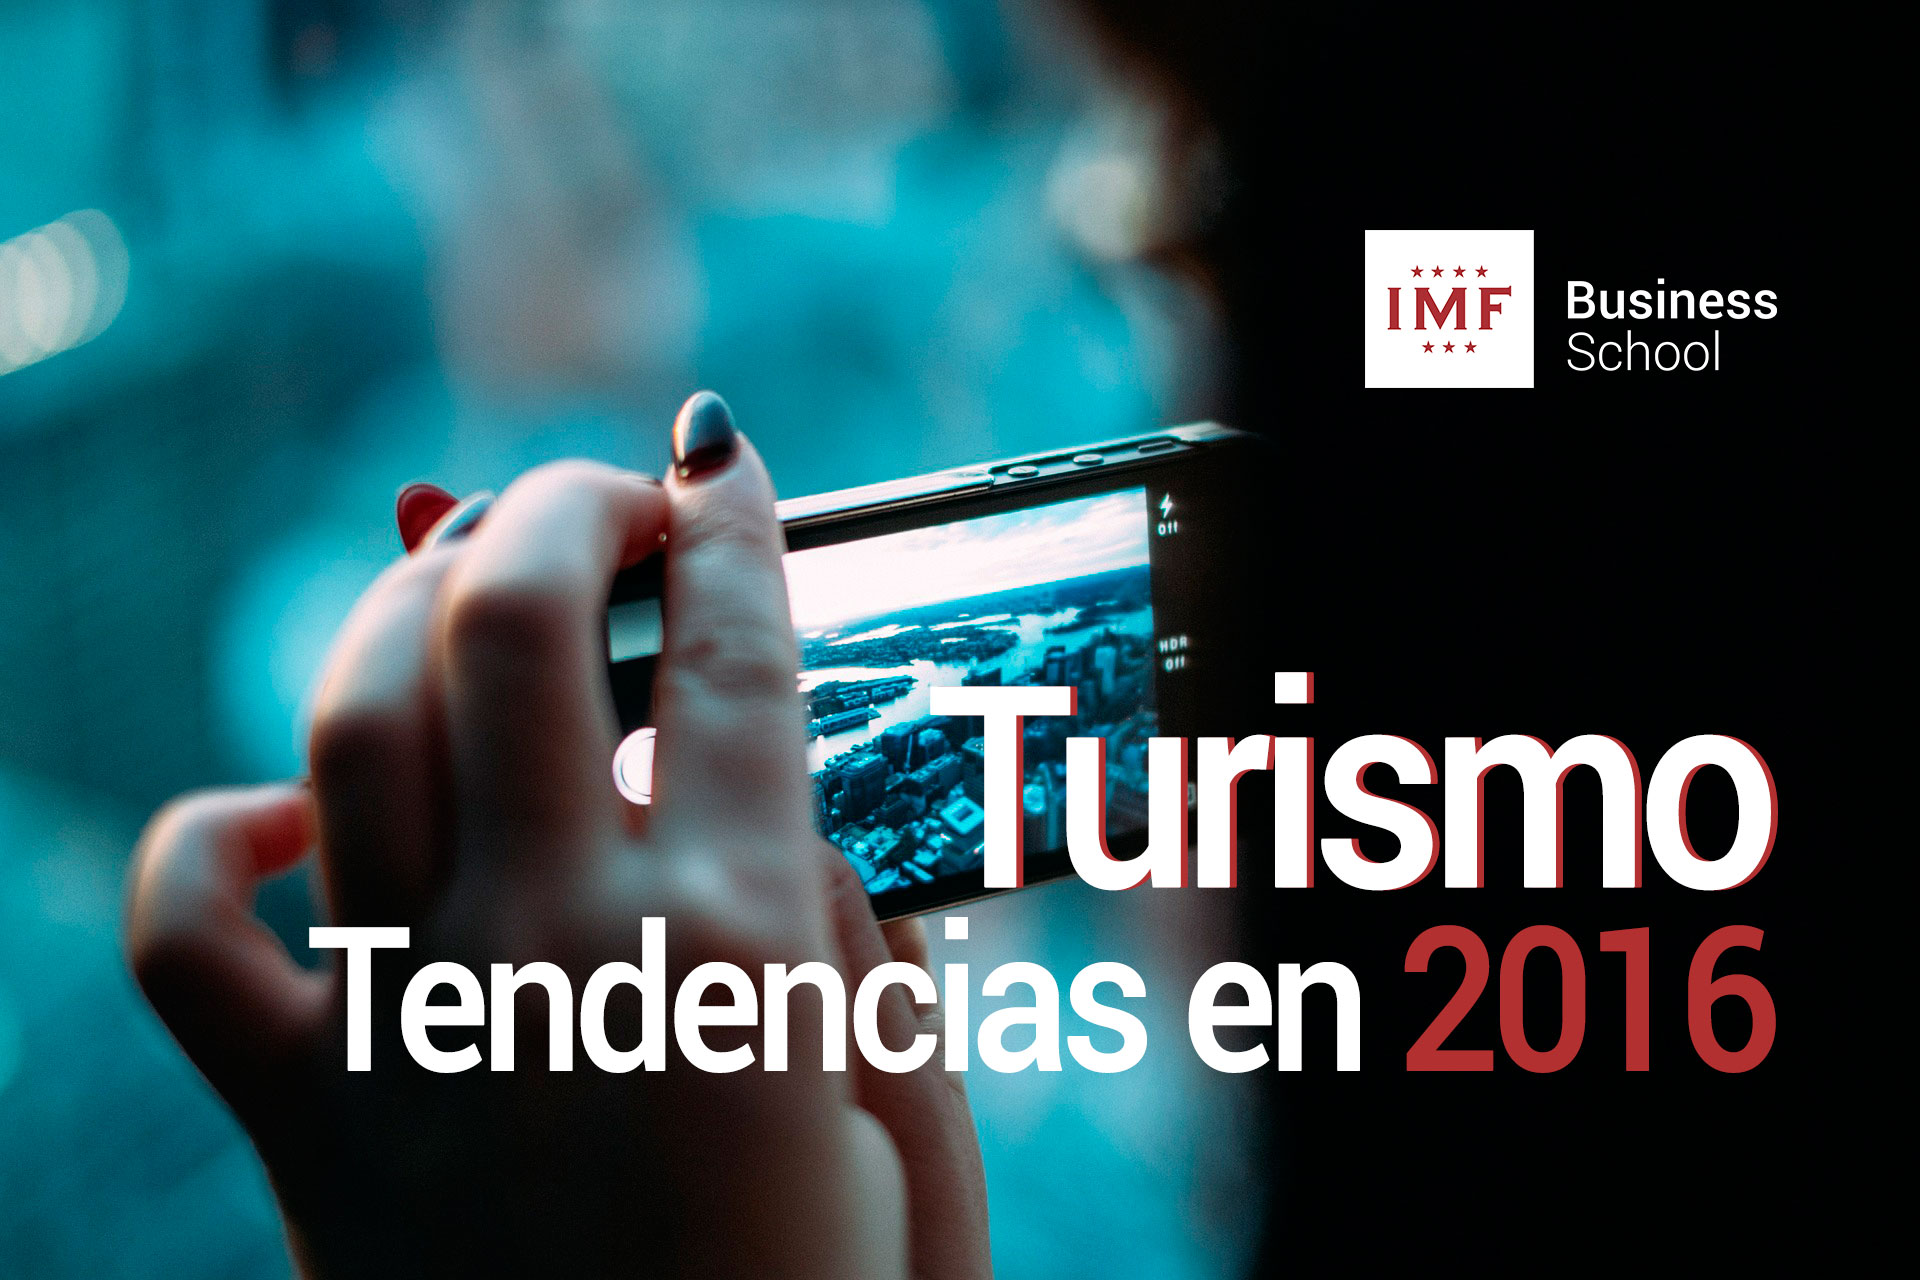 turismo-tendencias-2016 Turismo: Así fue en 2015, y así será en 2016